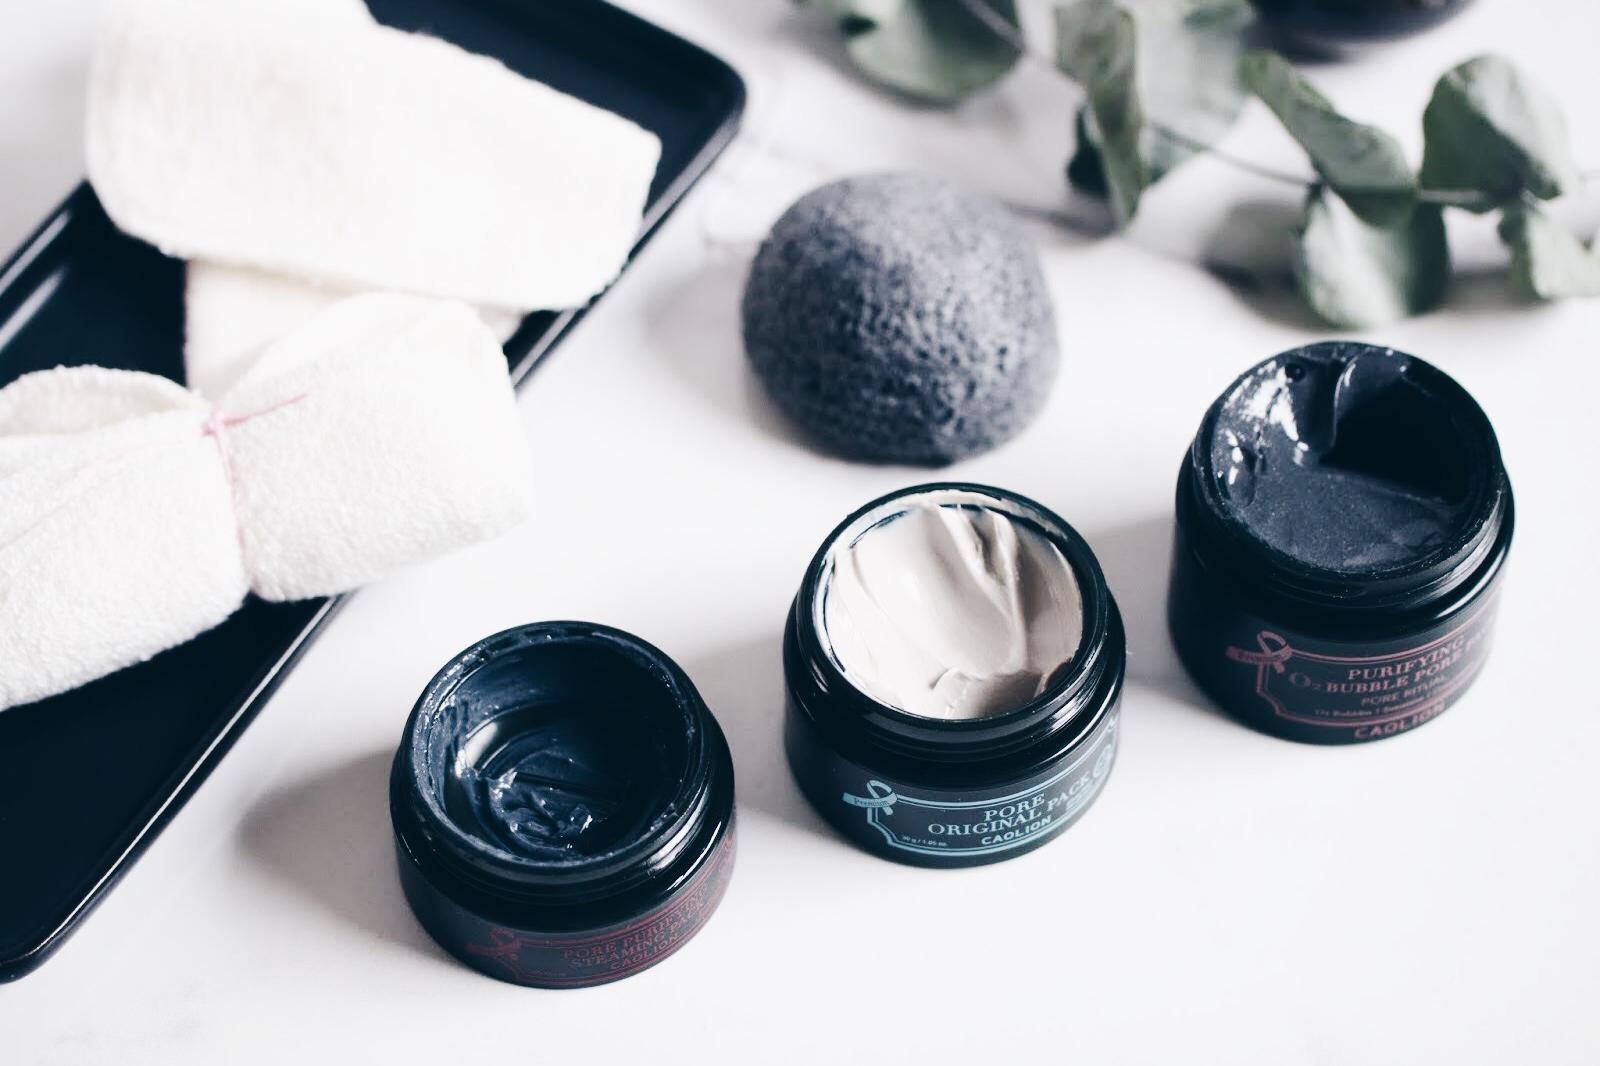 caolion soins visage masques pores avis test